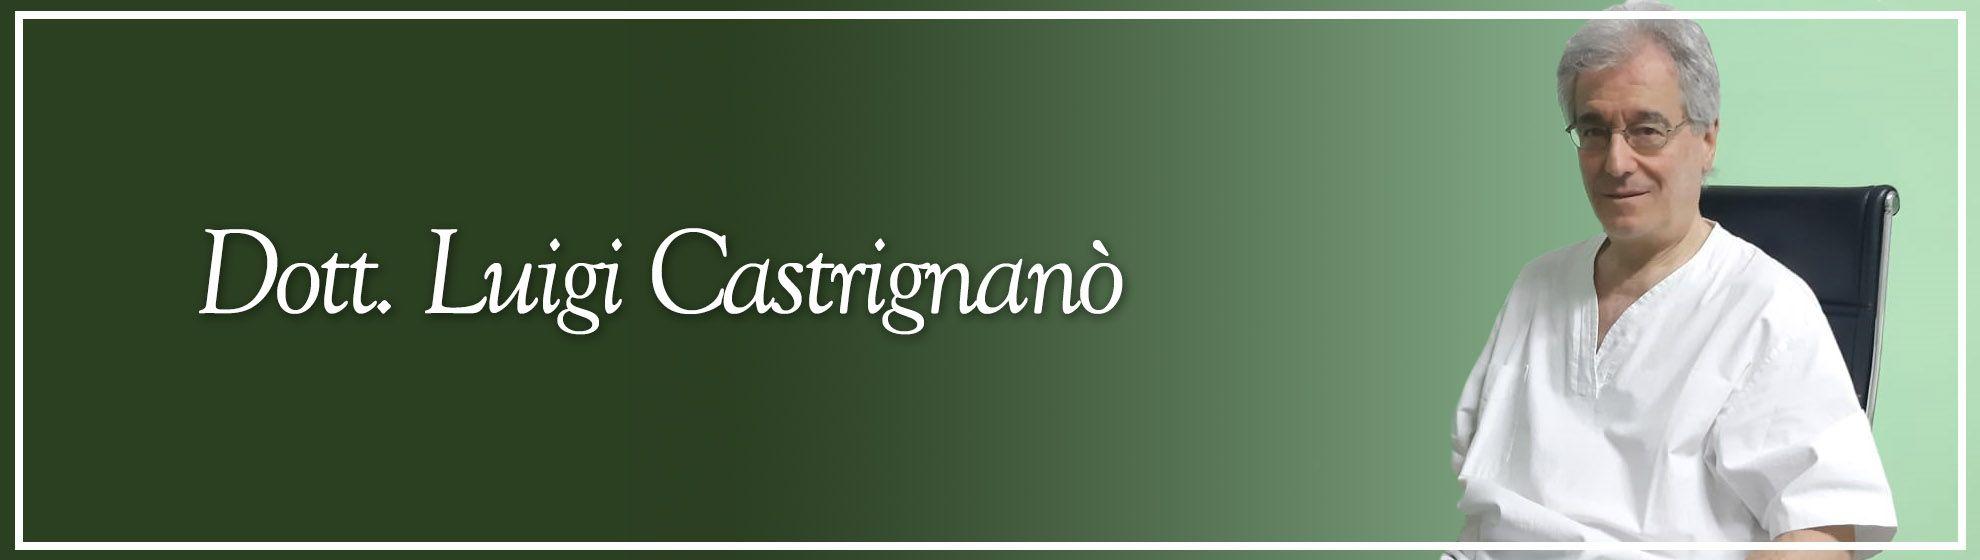 Dott. Luigi Castrignanò